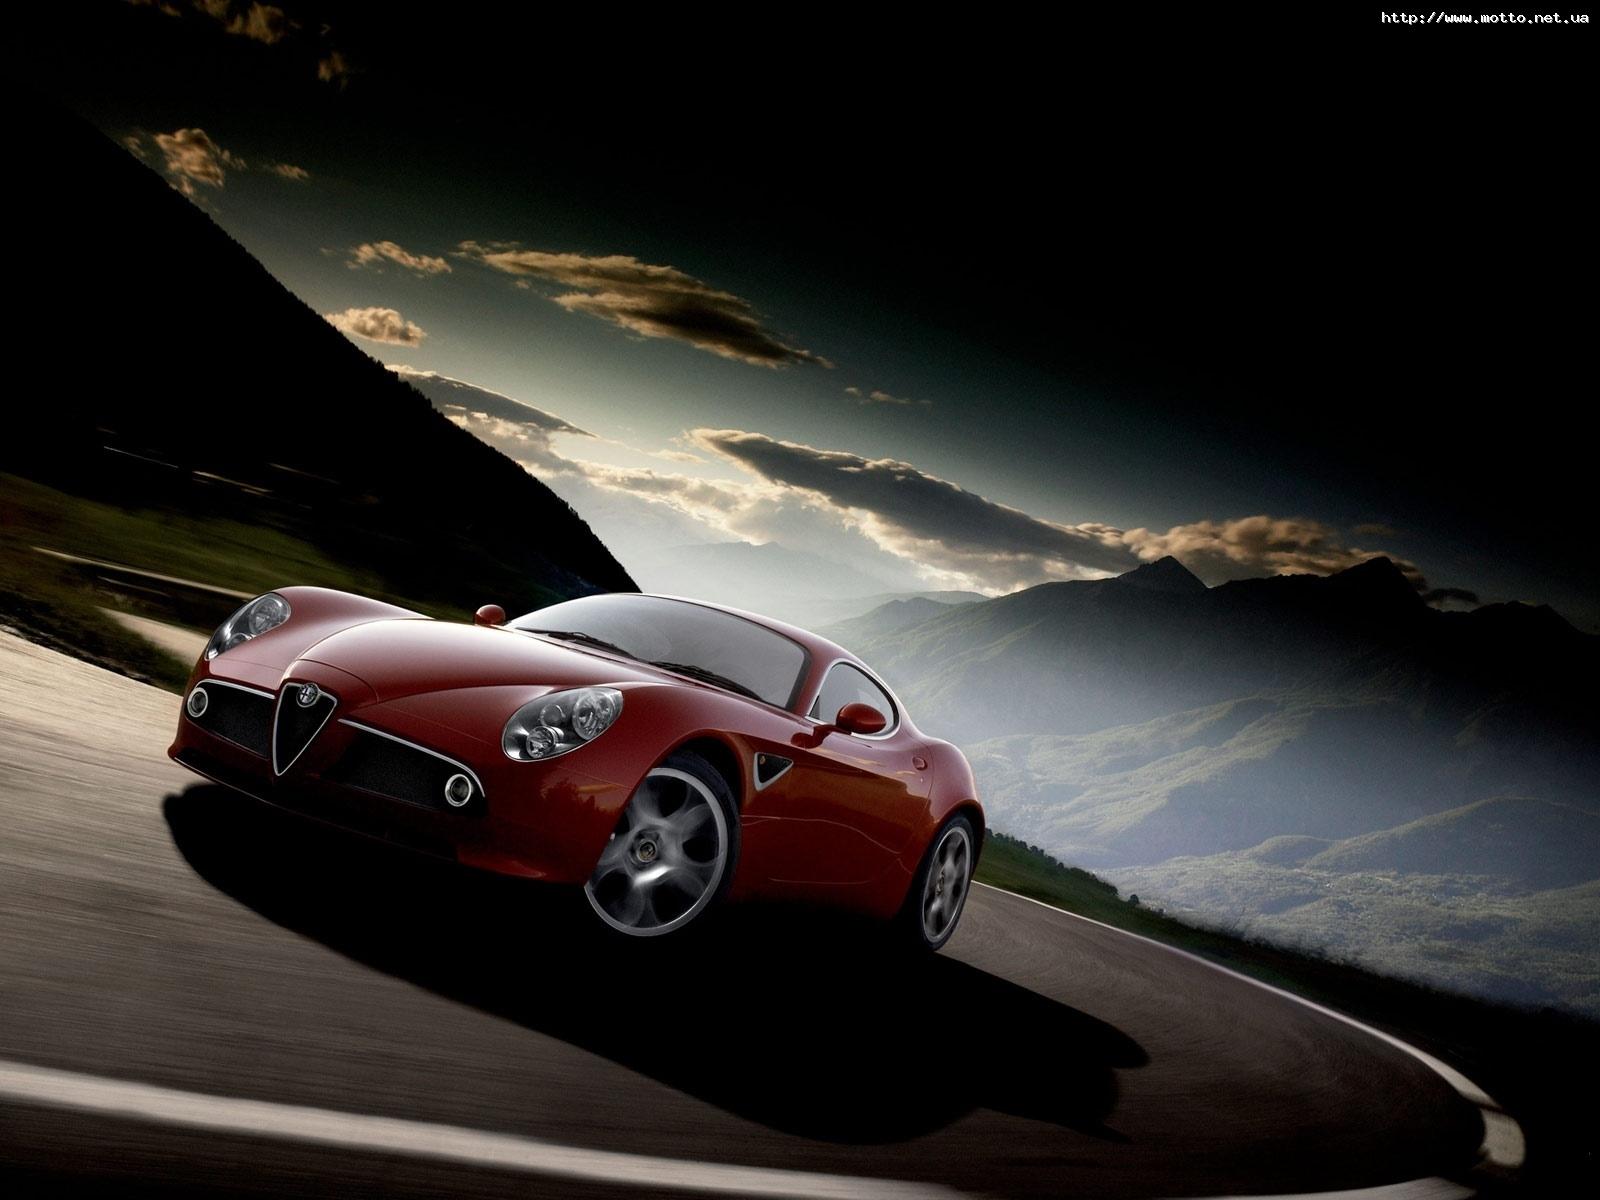 173 скачать обои Транспорт, Машины, Дороги, Альфа Ромео (Alfa Romeo) - заставки и картинки бесплатно